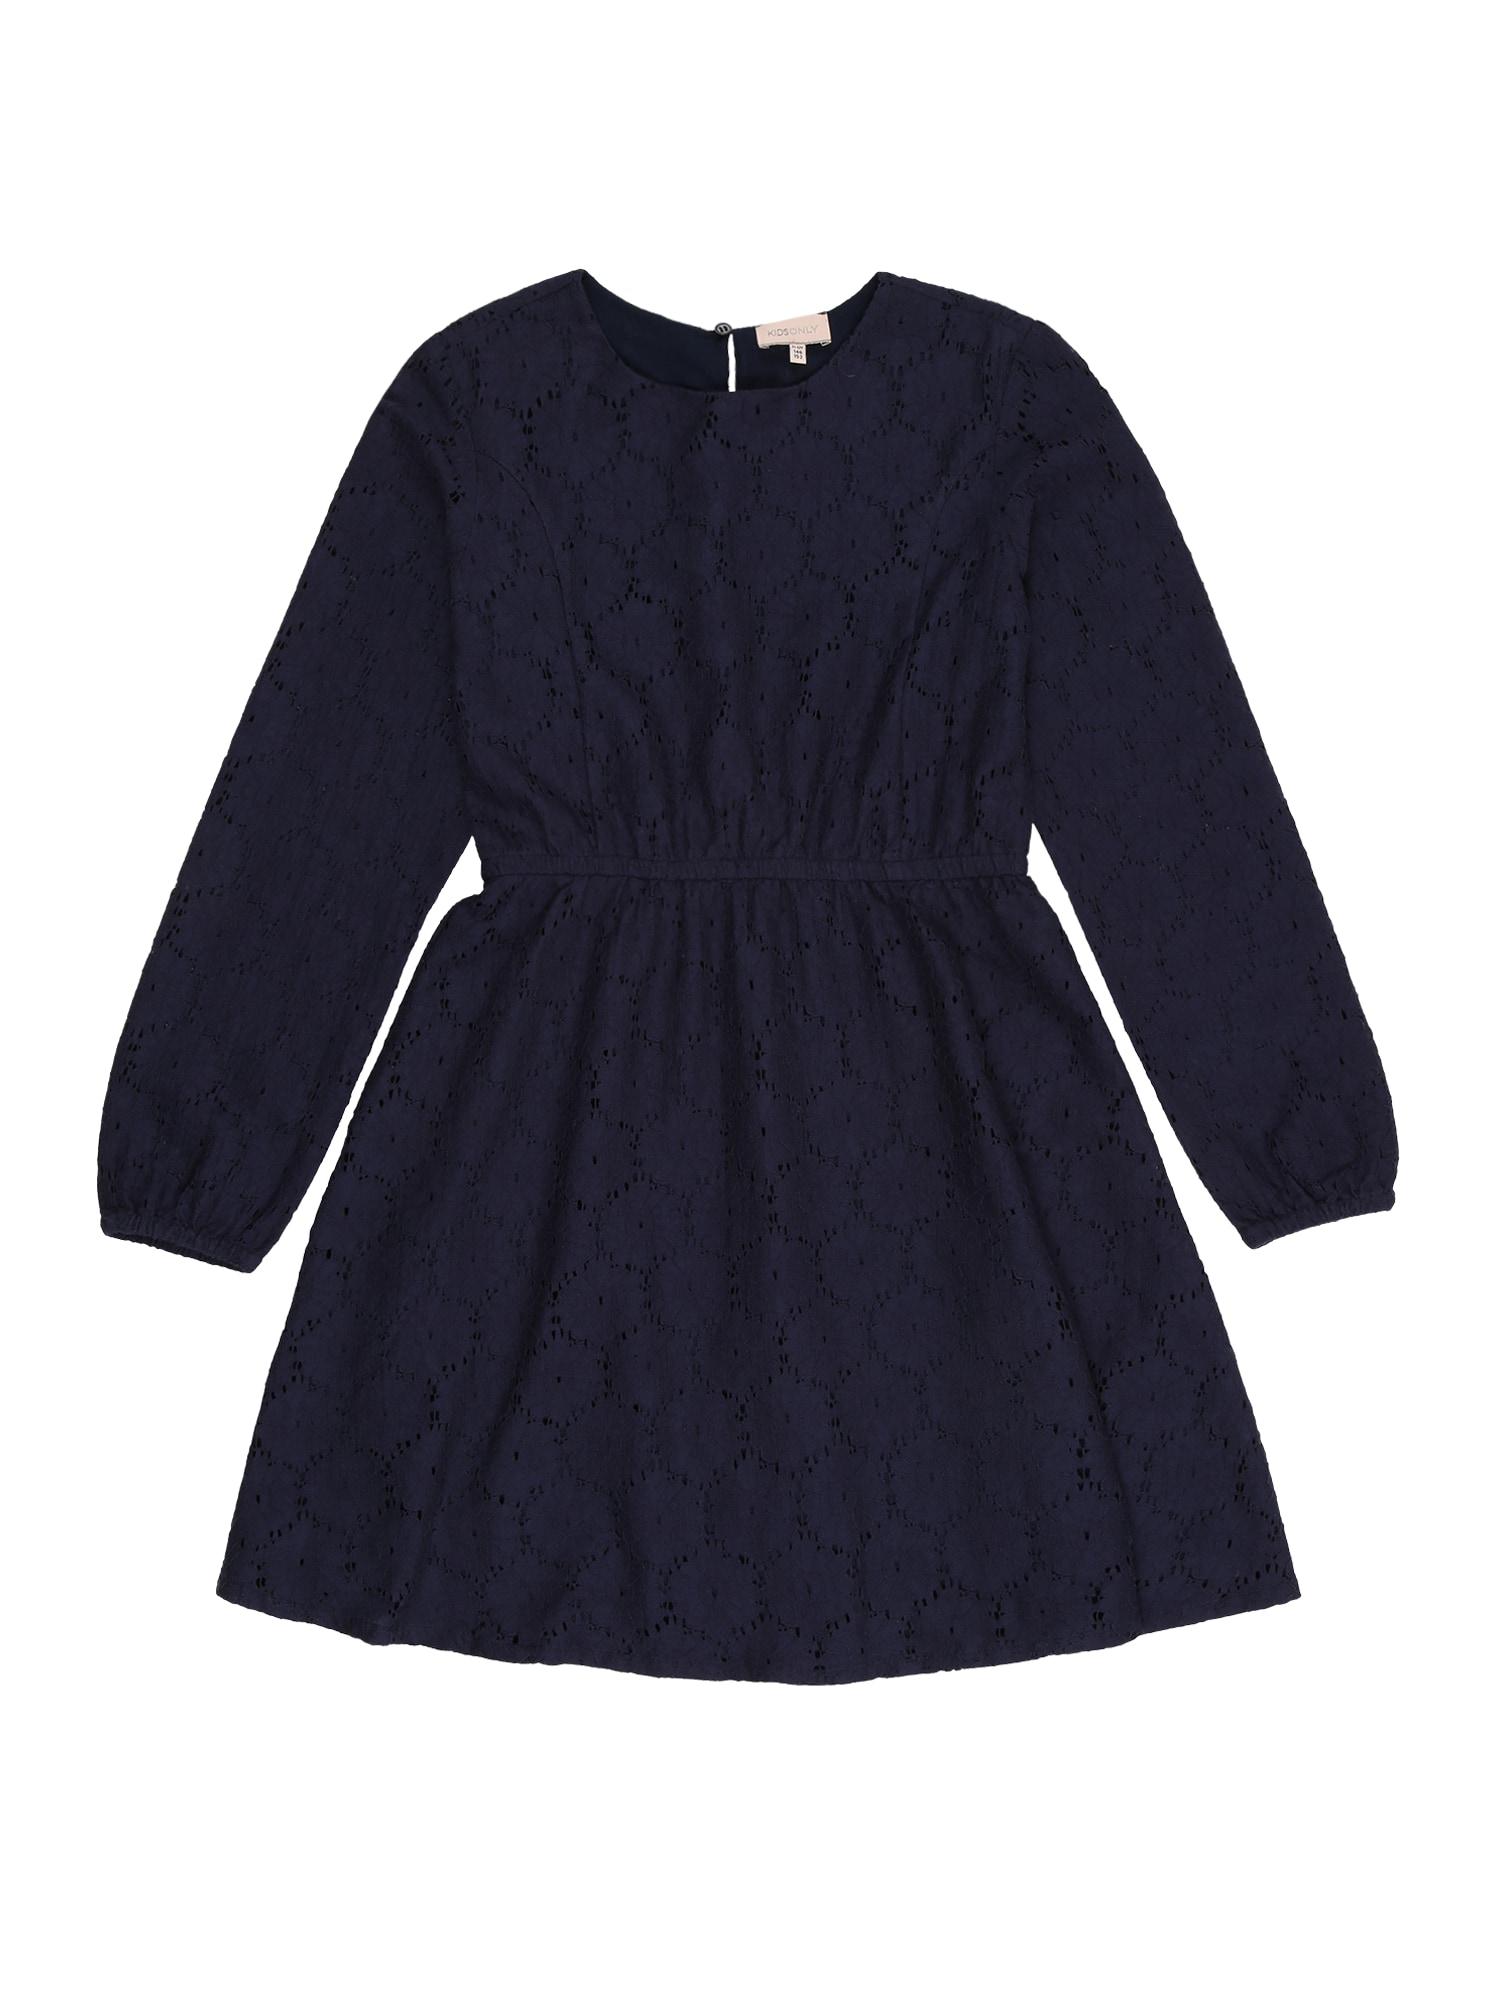 KIDS ONLY Suknelė 'DIPSY' mėlyna